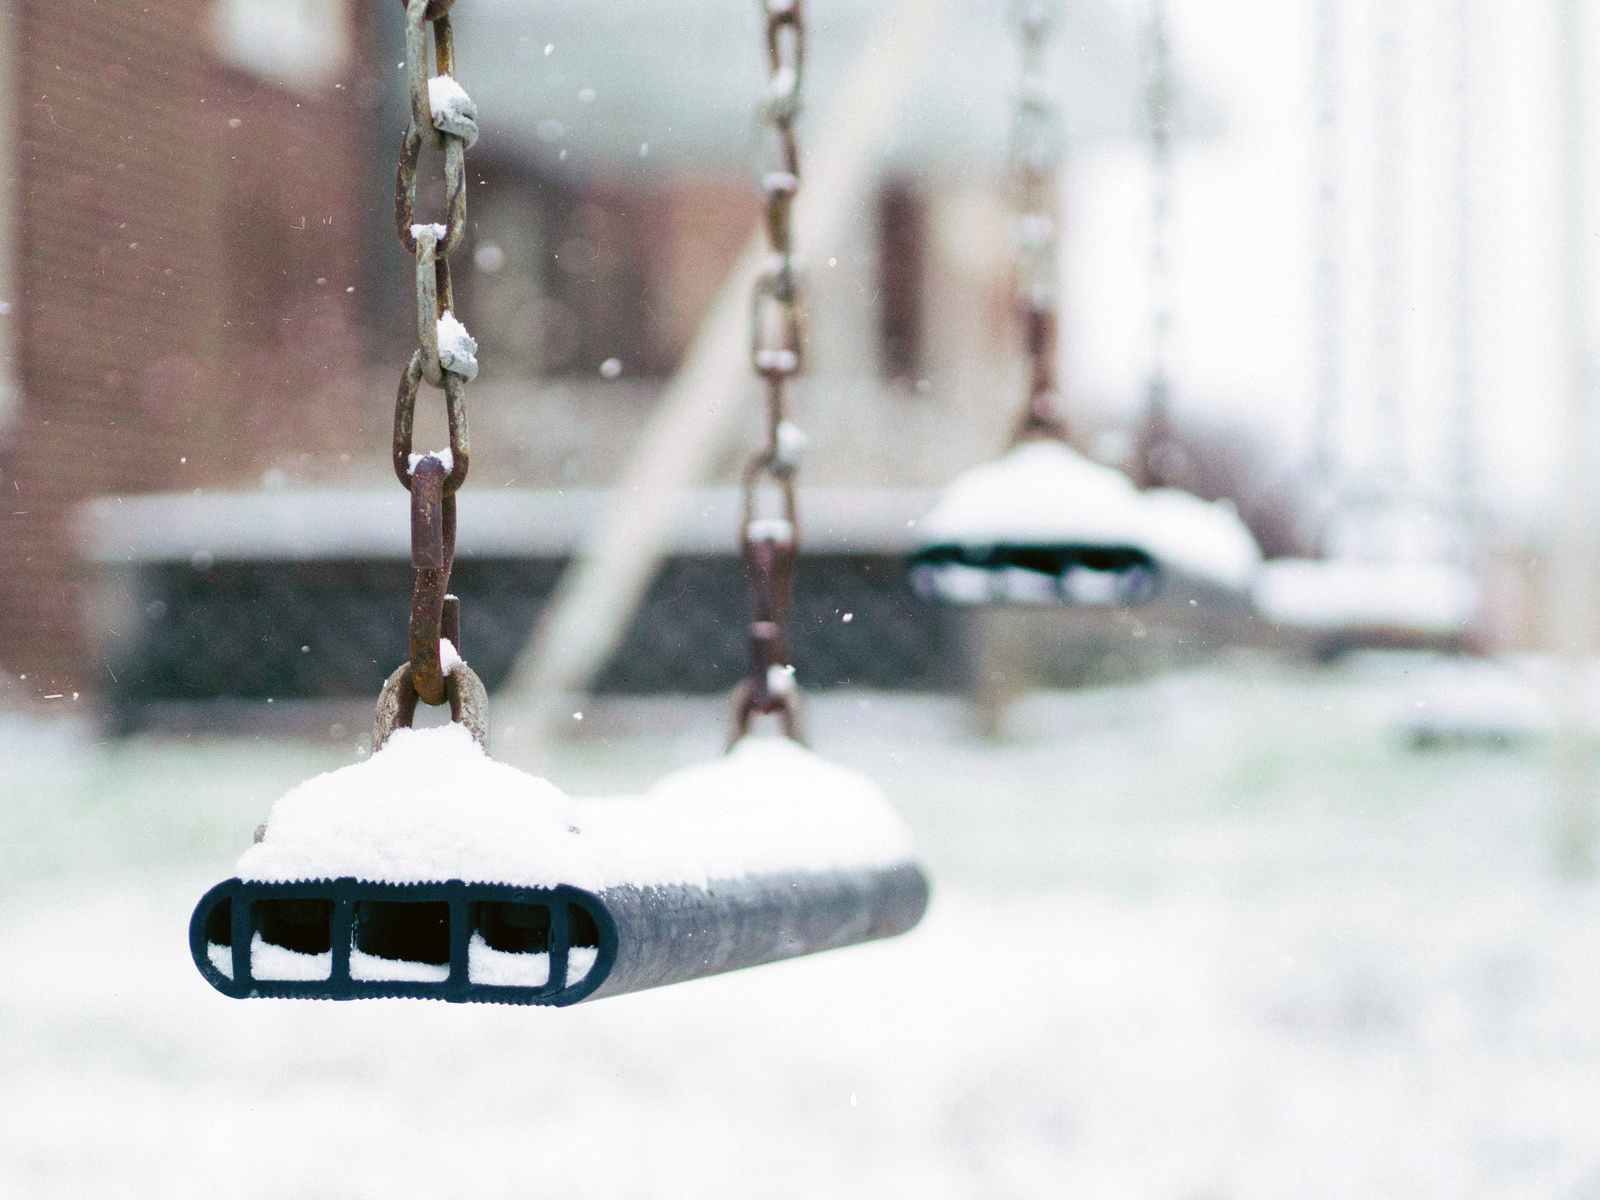 Typisches Einsatzgebiet eines ND-Filters: Unscharfe Hintergründe trotz sehr hellem Umgebungslicht, wie Schnee.